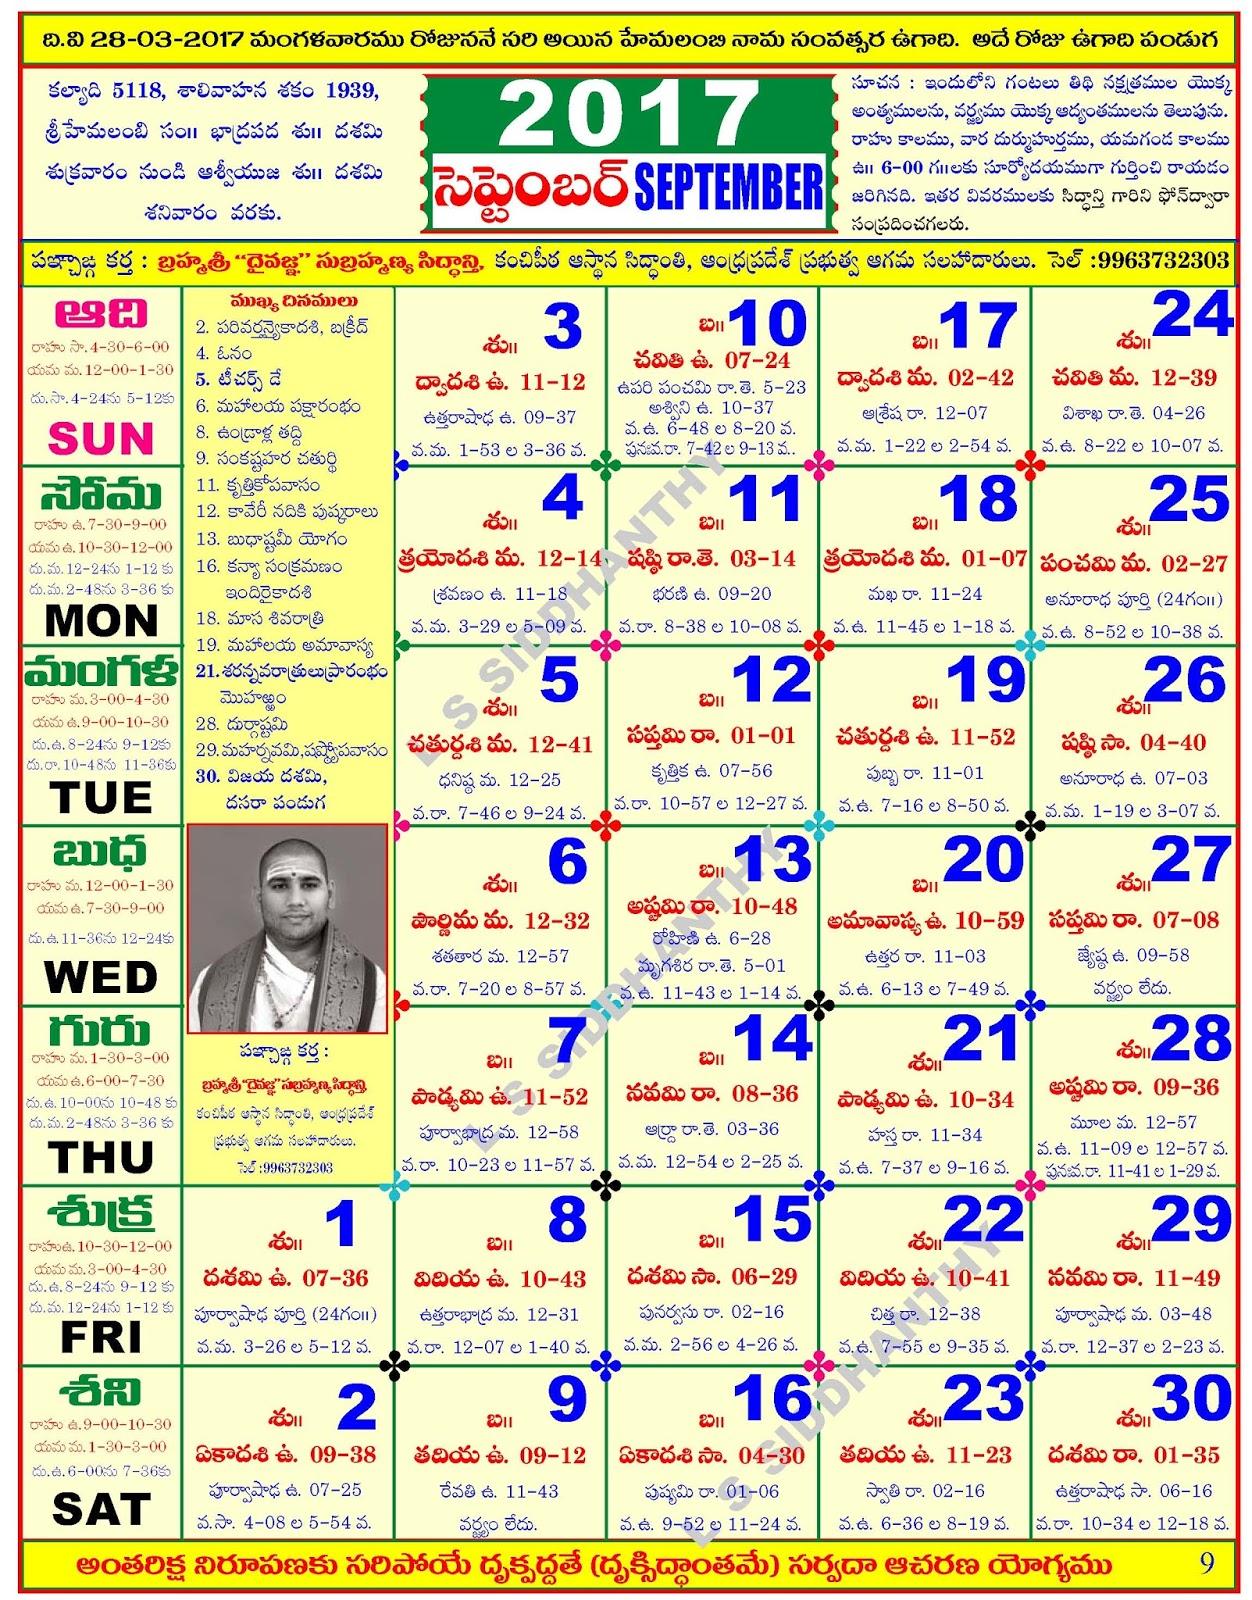 Kalnirnay 2017 Calendar